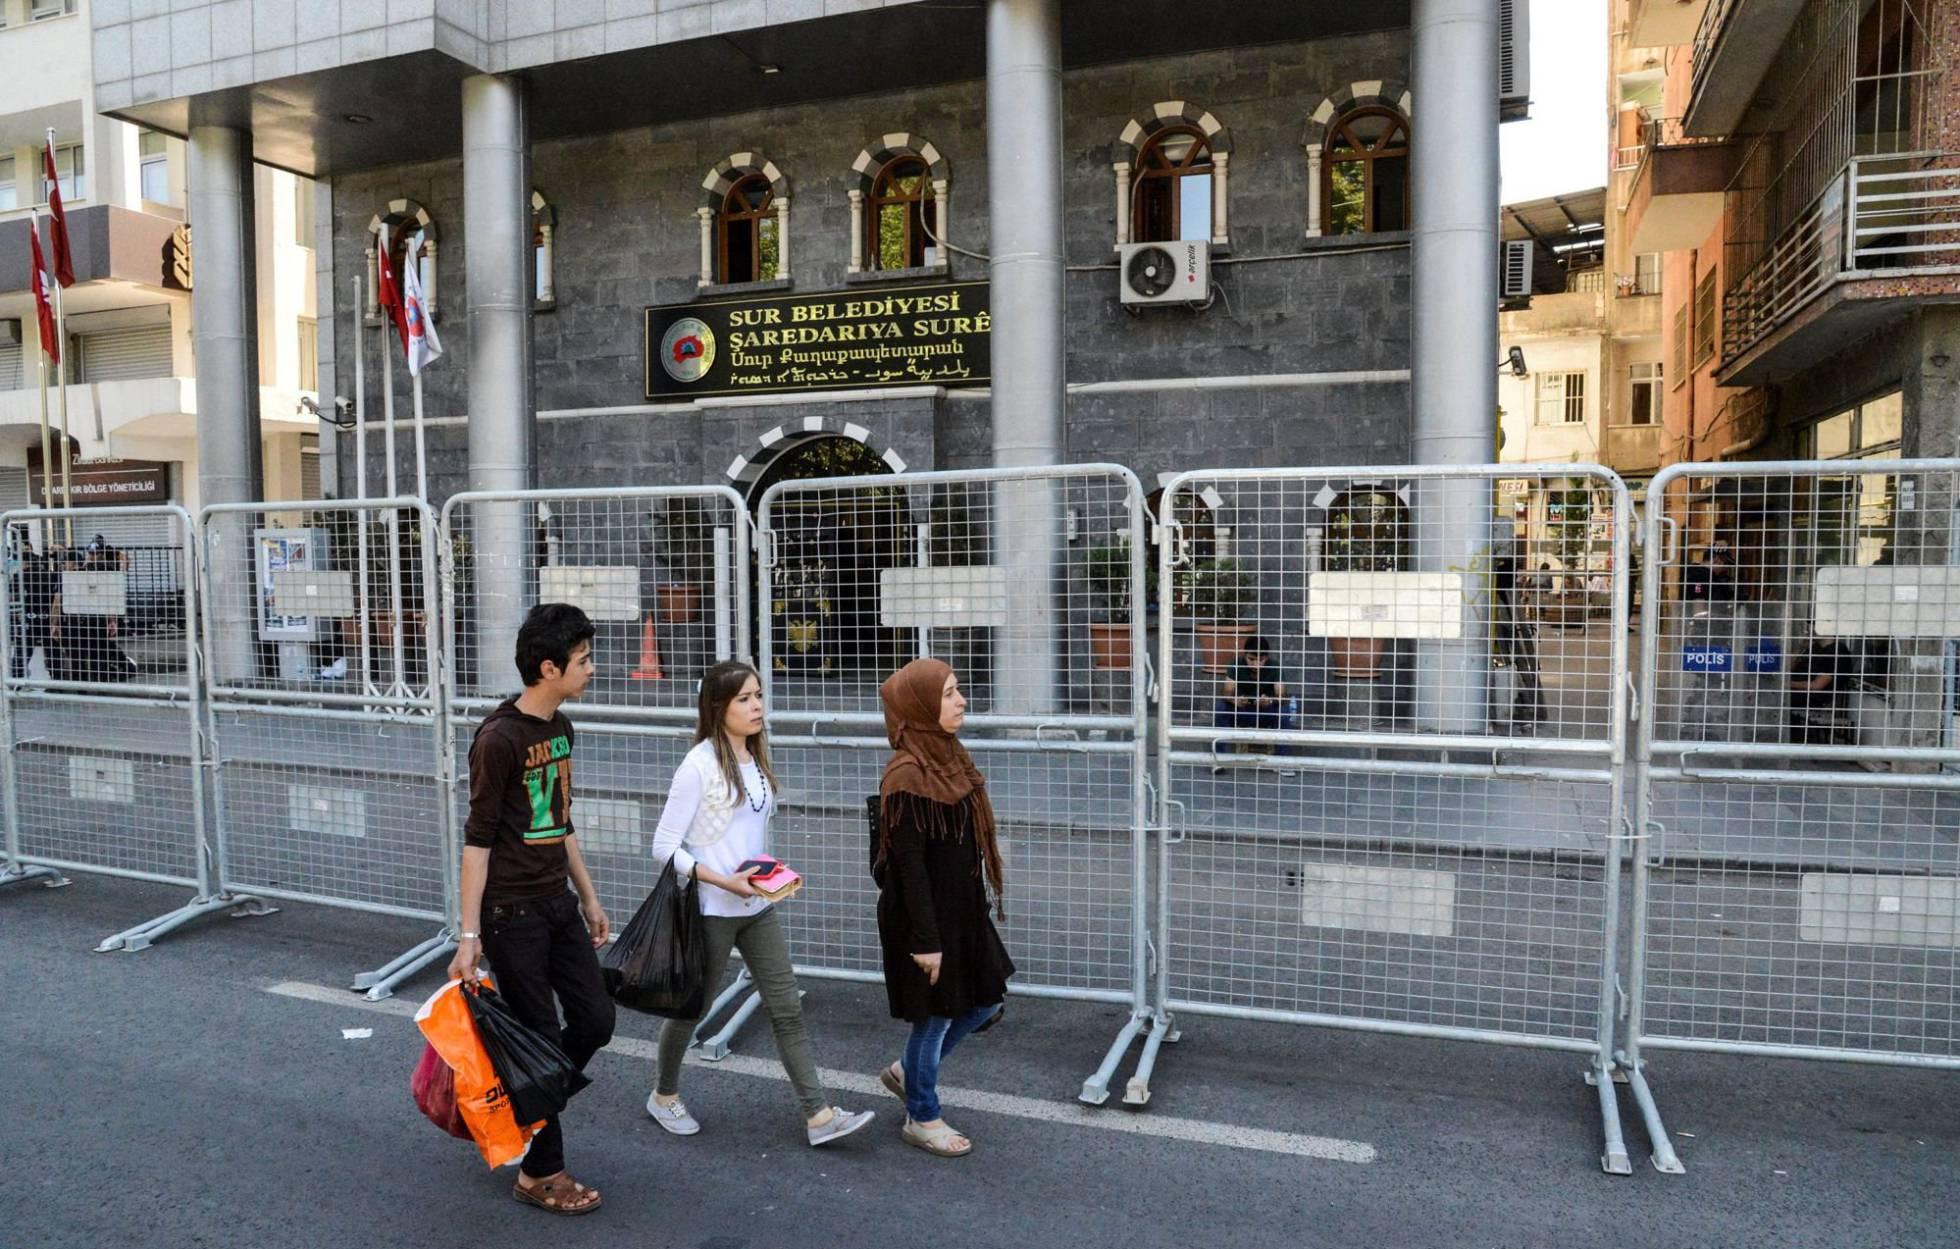 Golpe de estado en Turquia - Página 6 1473678416_260497_1473678734_noticia_normal_recorte1